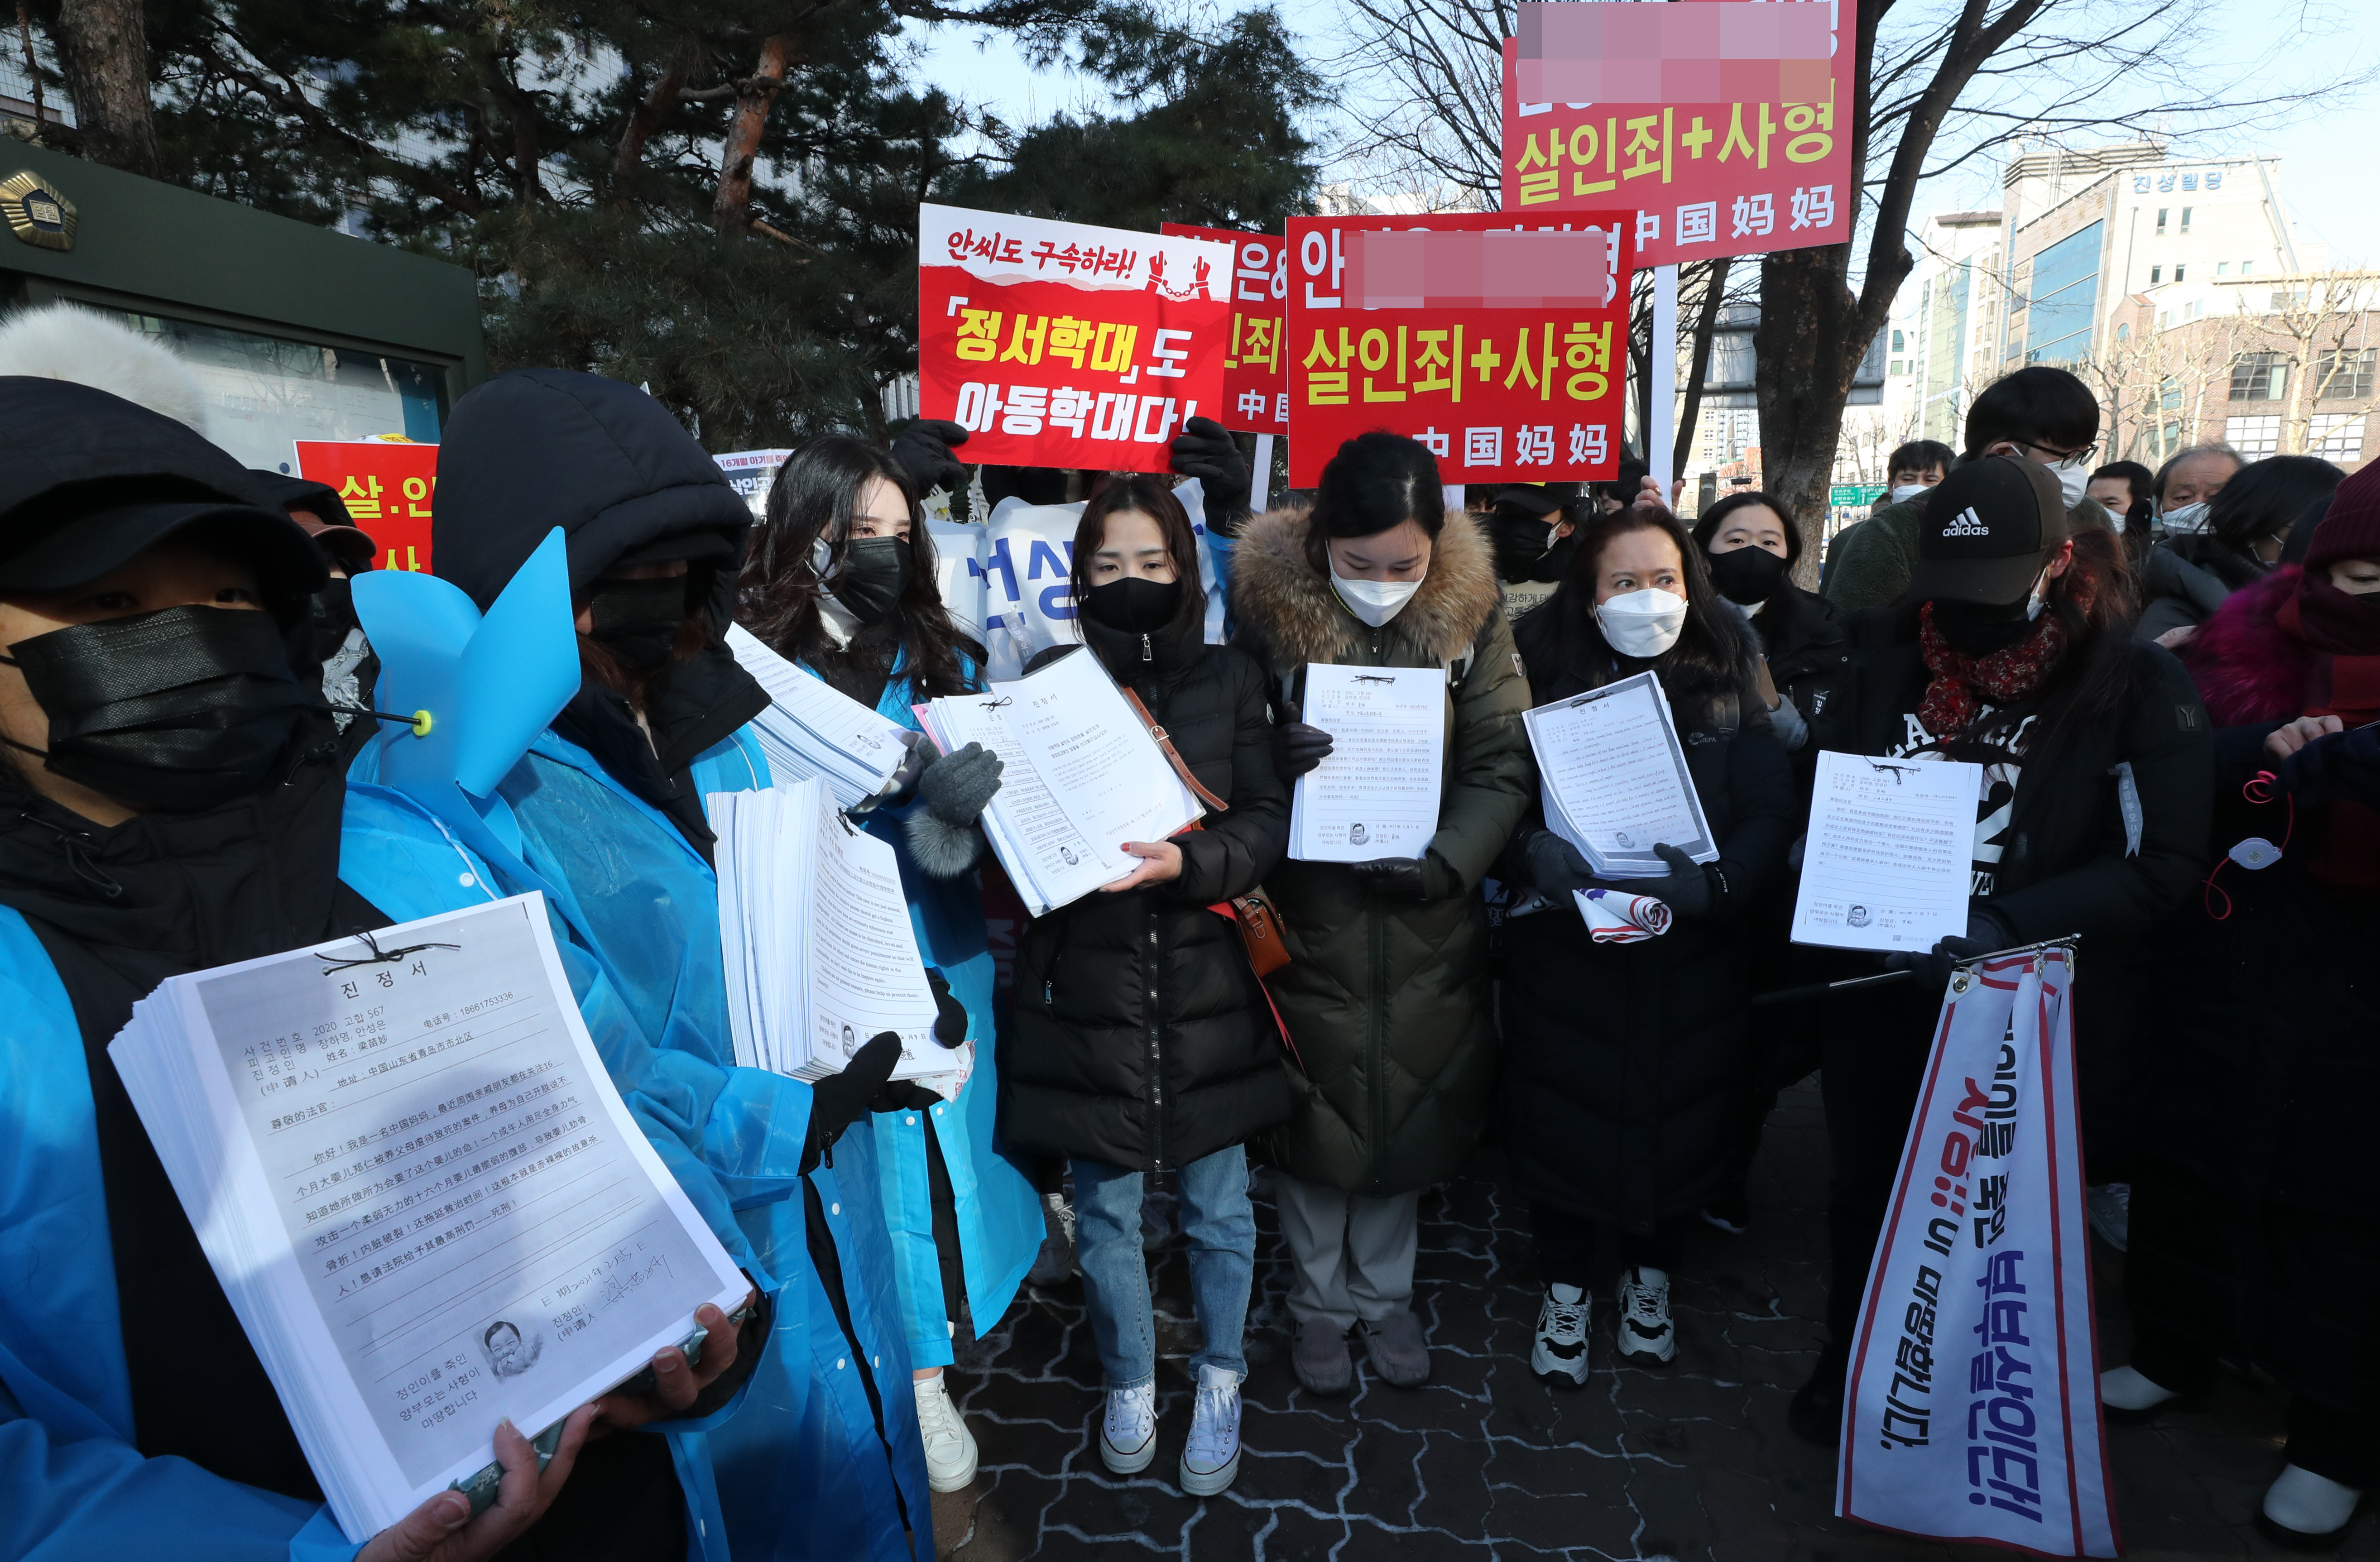 ▲▼民眾前往首爾南部地方法院,要求應將鄭仁養母以殺人罪立案,並判處死刑。(圖/達志影像)